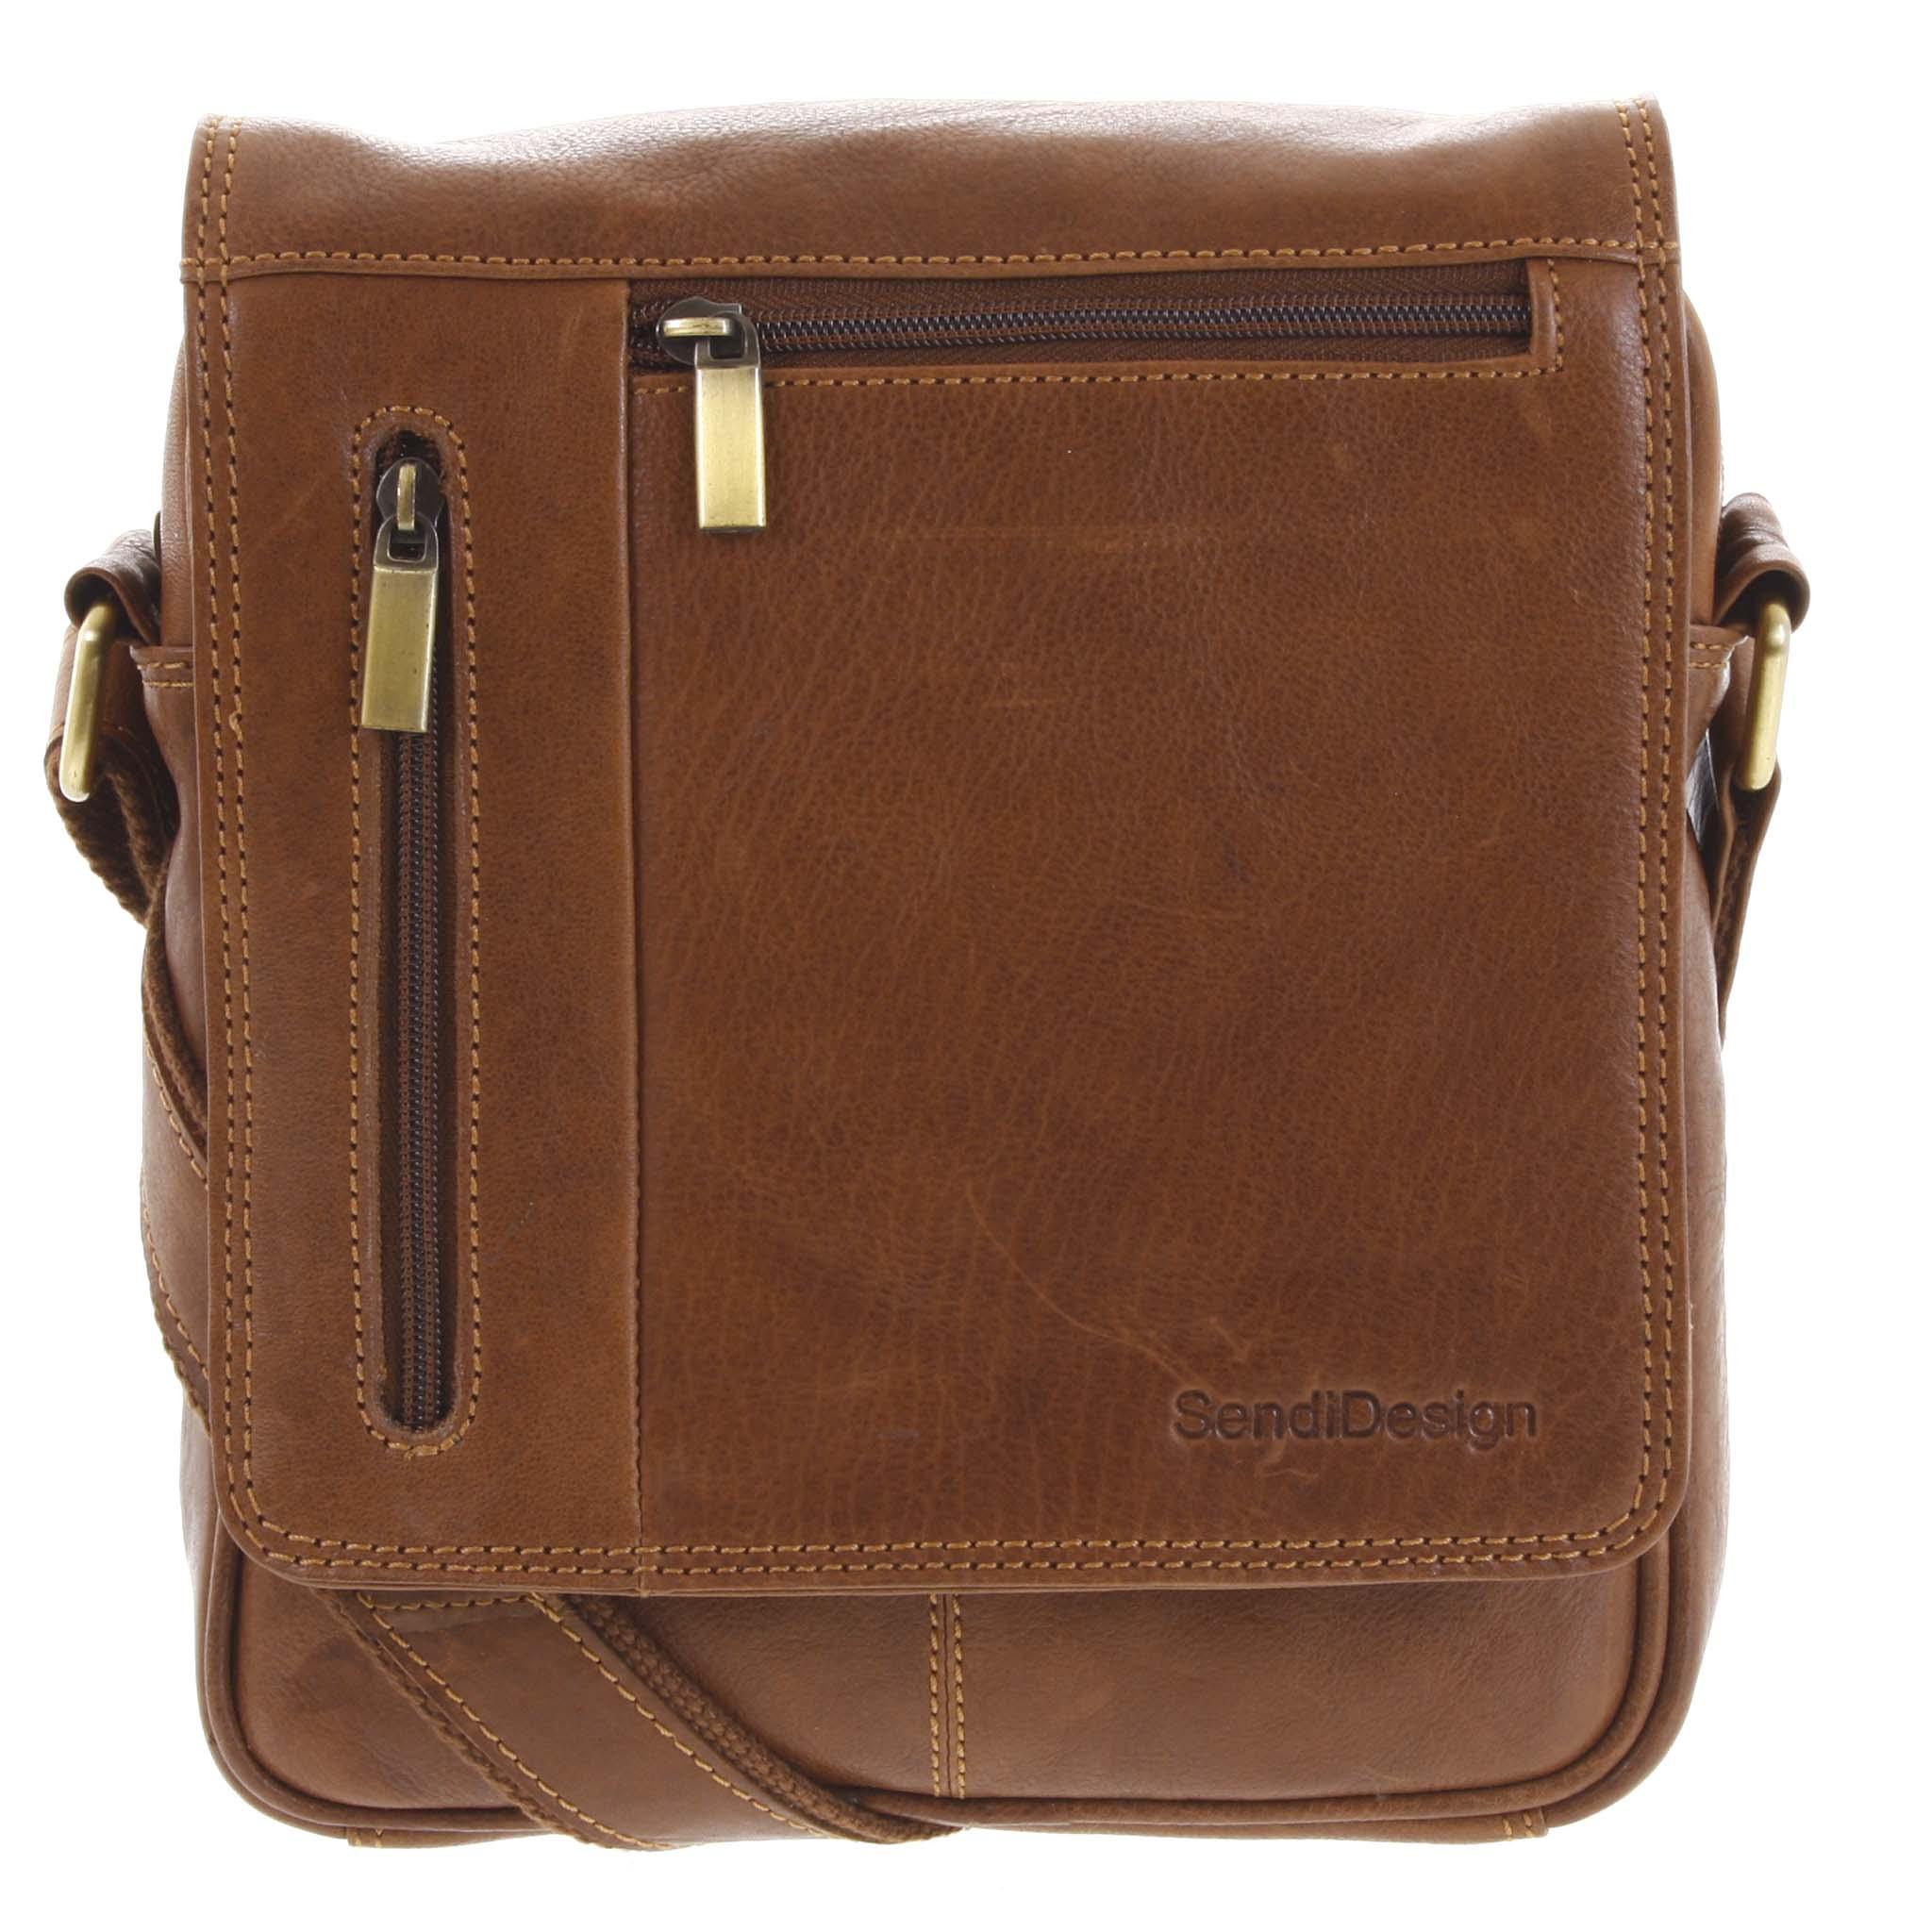 Pánská kožená taška přes rameno hnědá - SendiDesign Thoreau